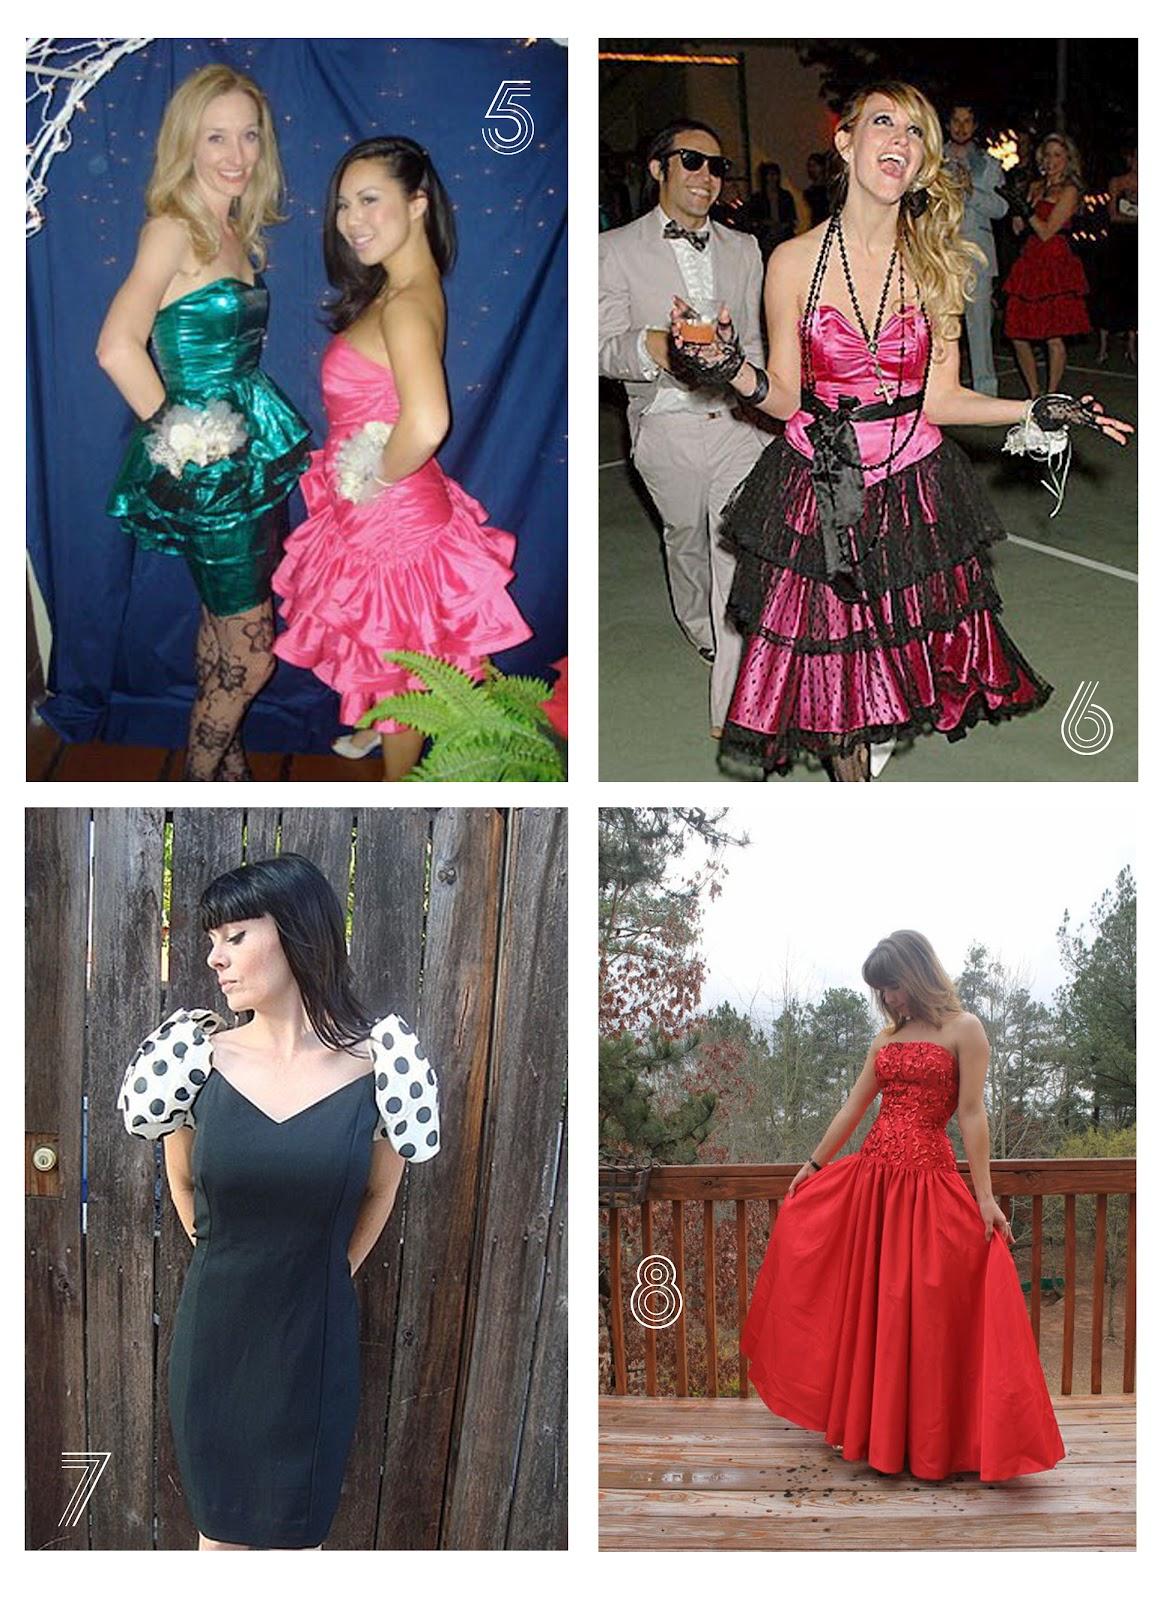 Großartig 80er Rosa Abschlussballkleid Bilder - Hochzeit Kleid Stile ...